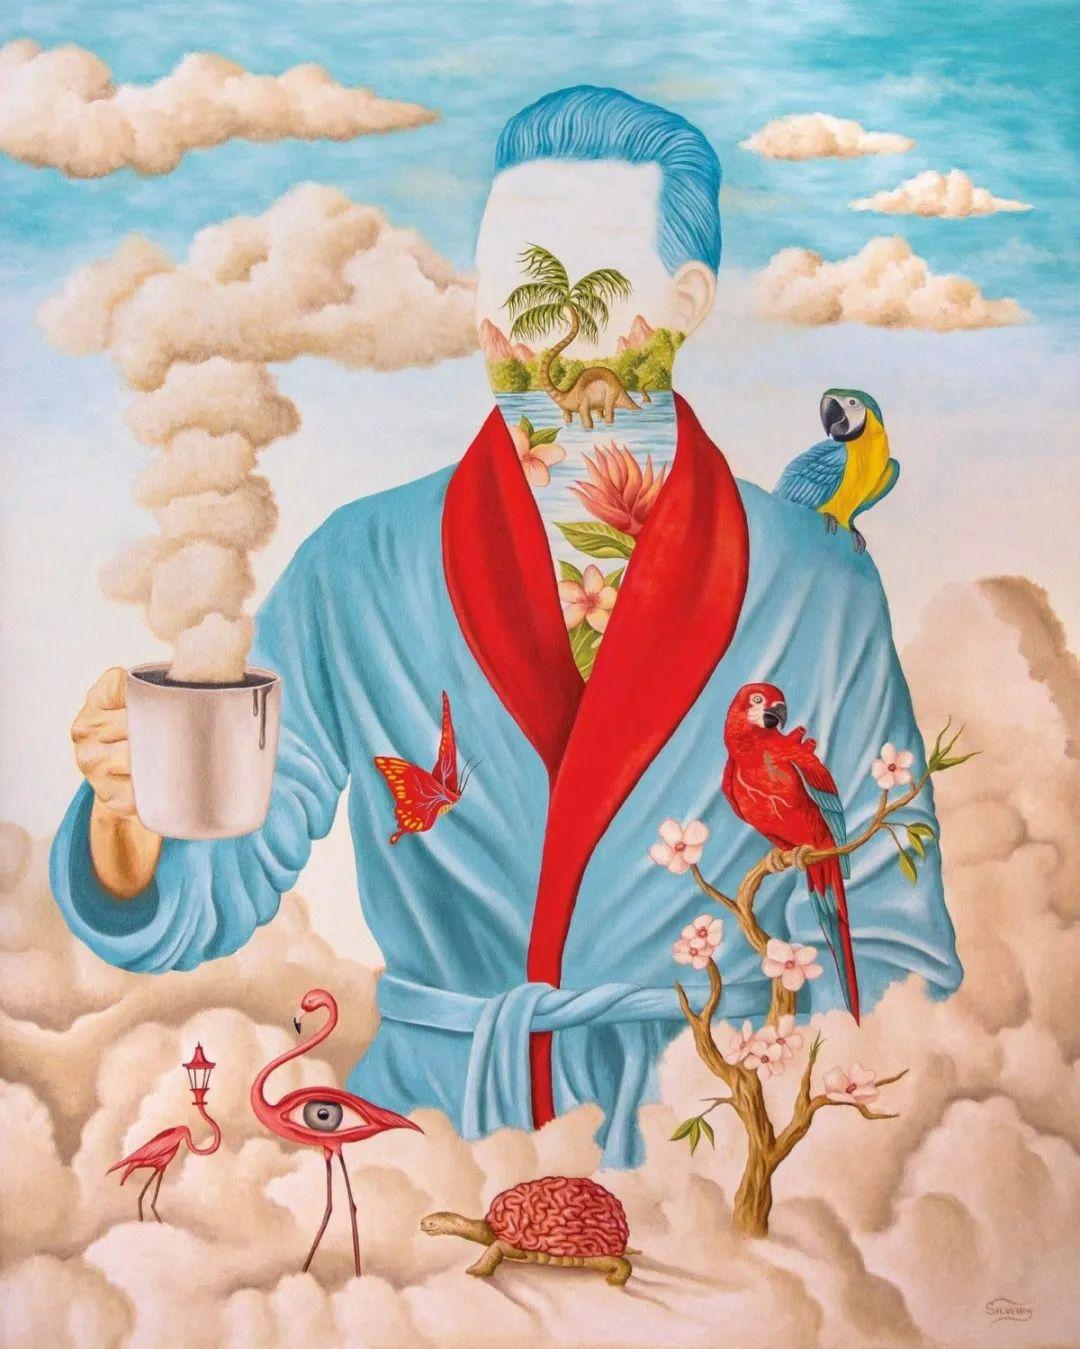 超凡的想象力,Rafael Silveira超现实主义肖像插画插图25